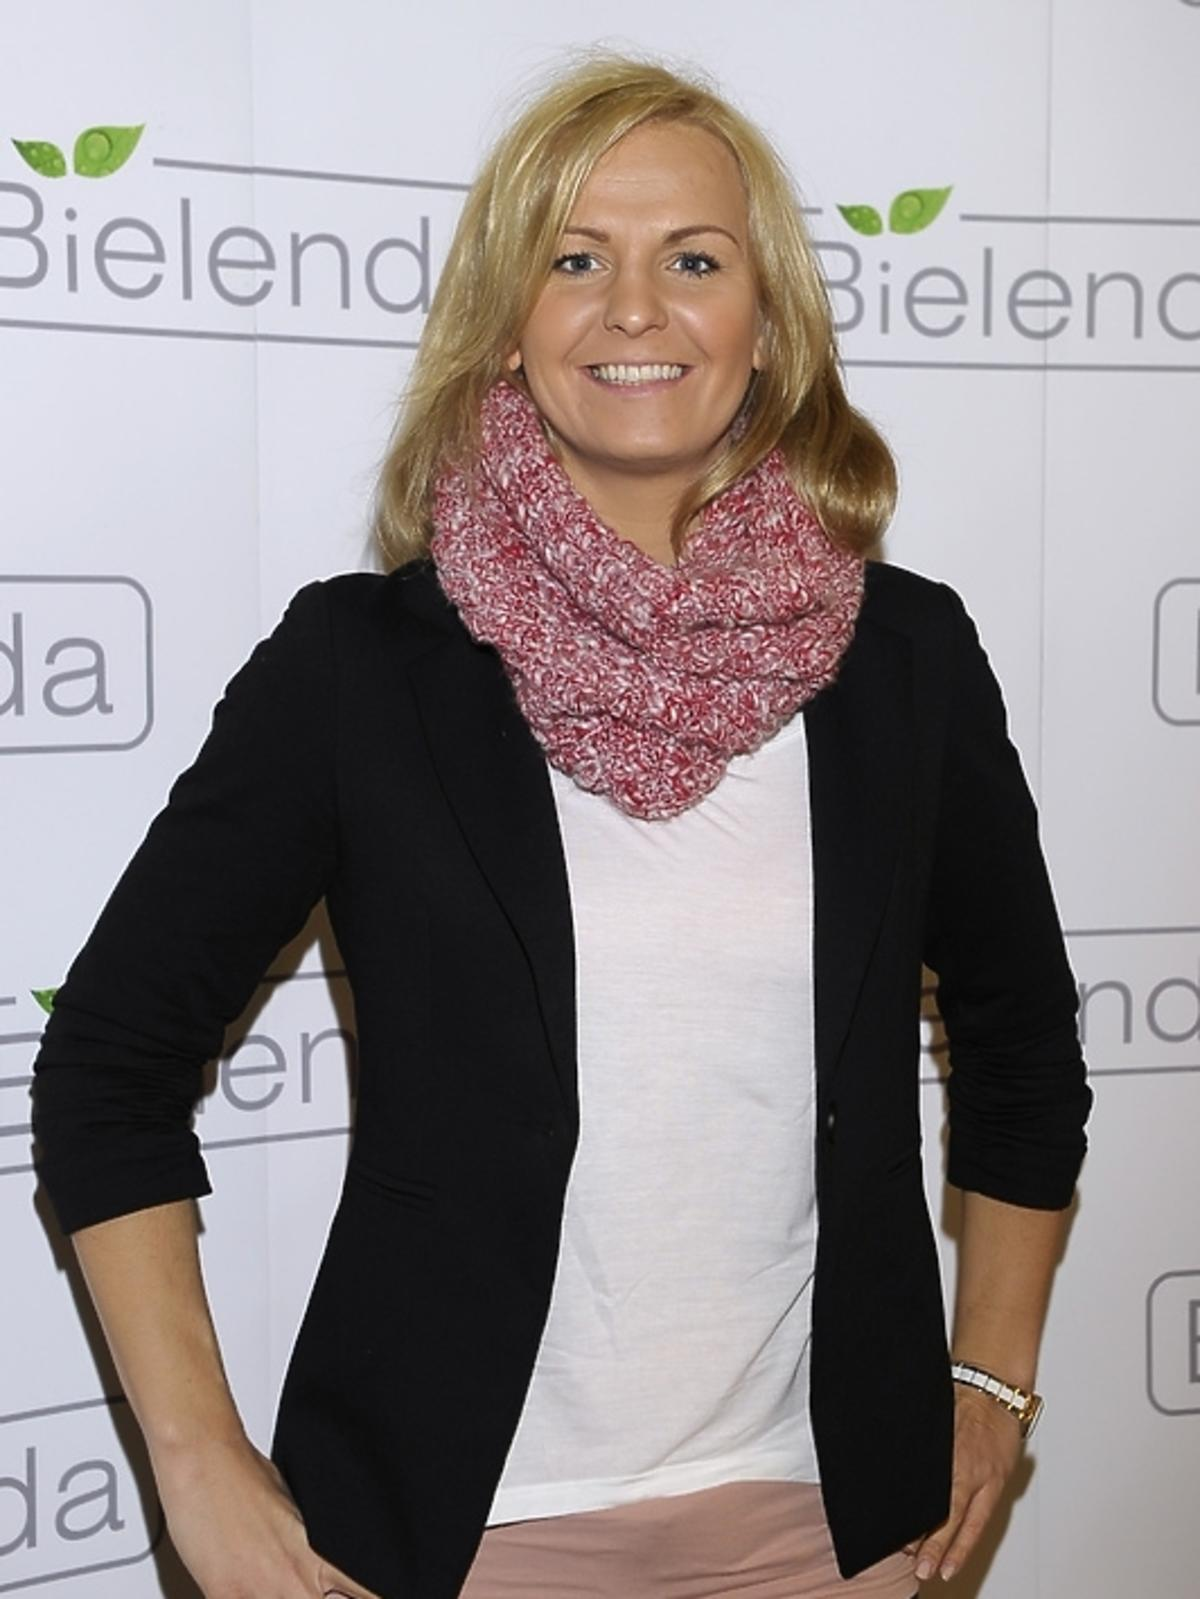 Otylia Jędrzejczak na prezentacji kosmetyków marki Bielenda